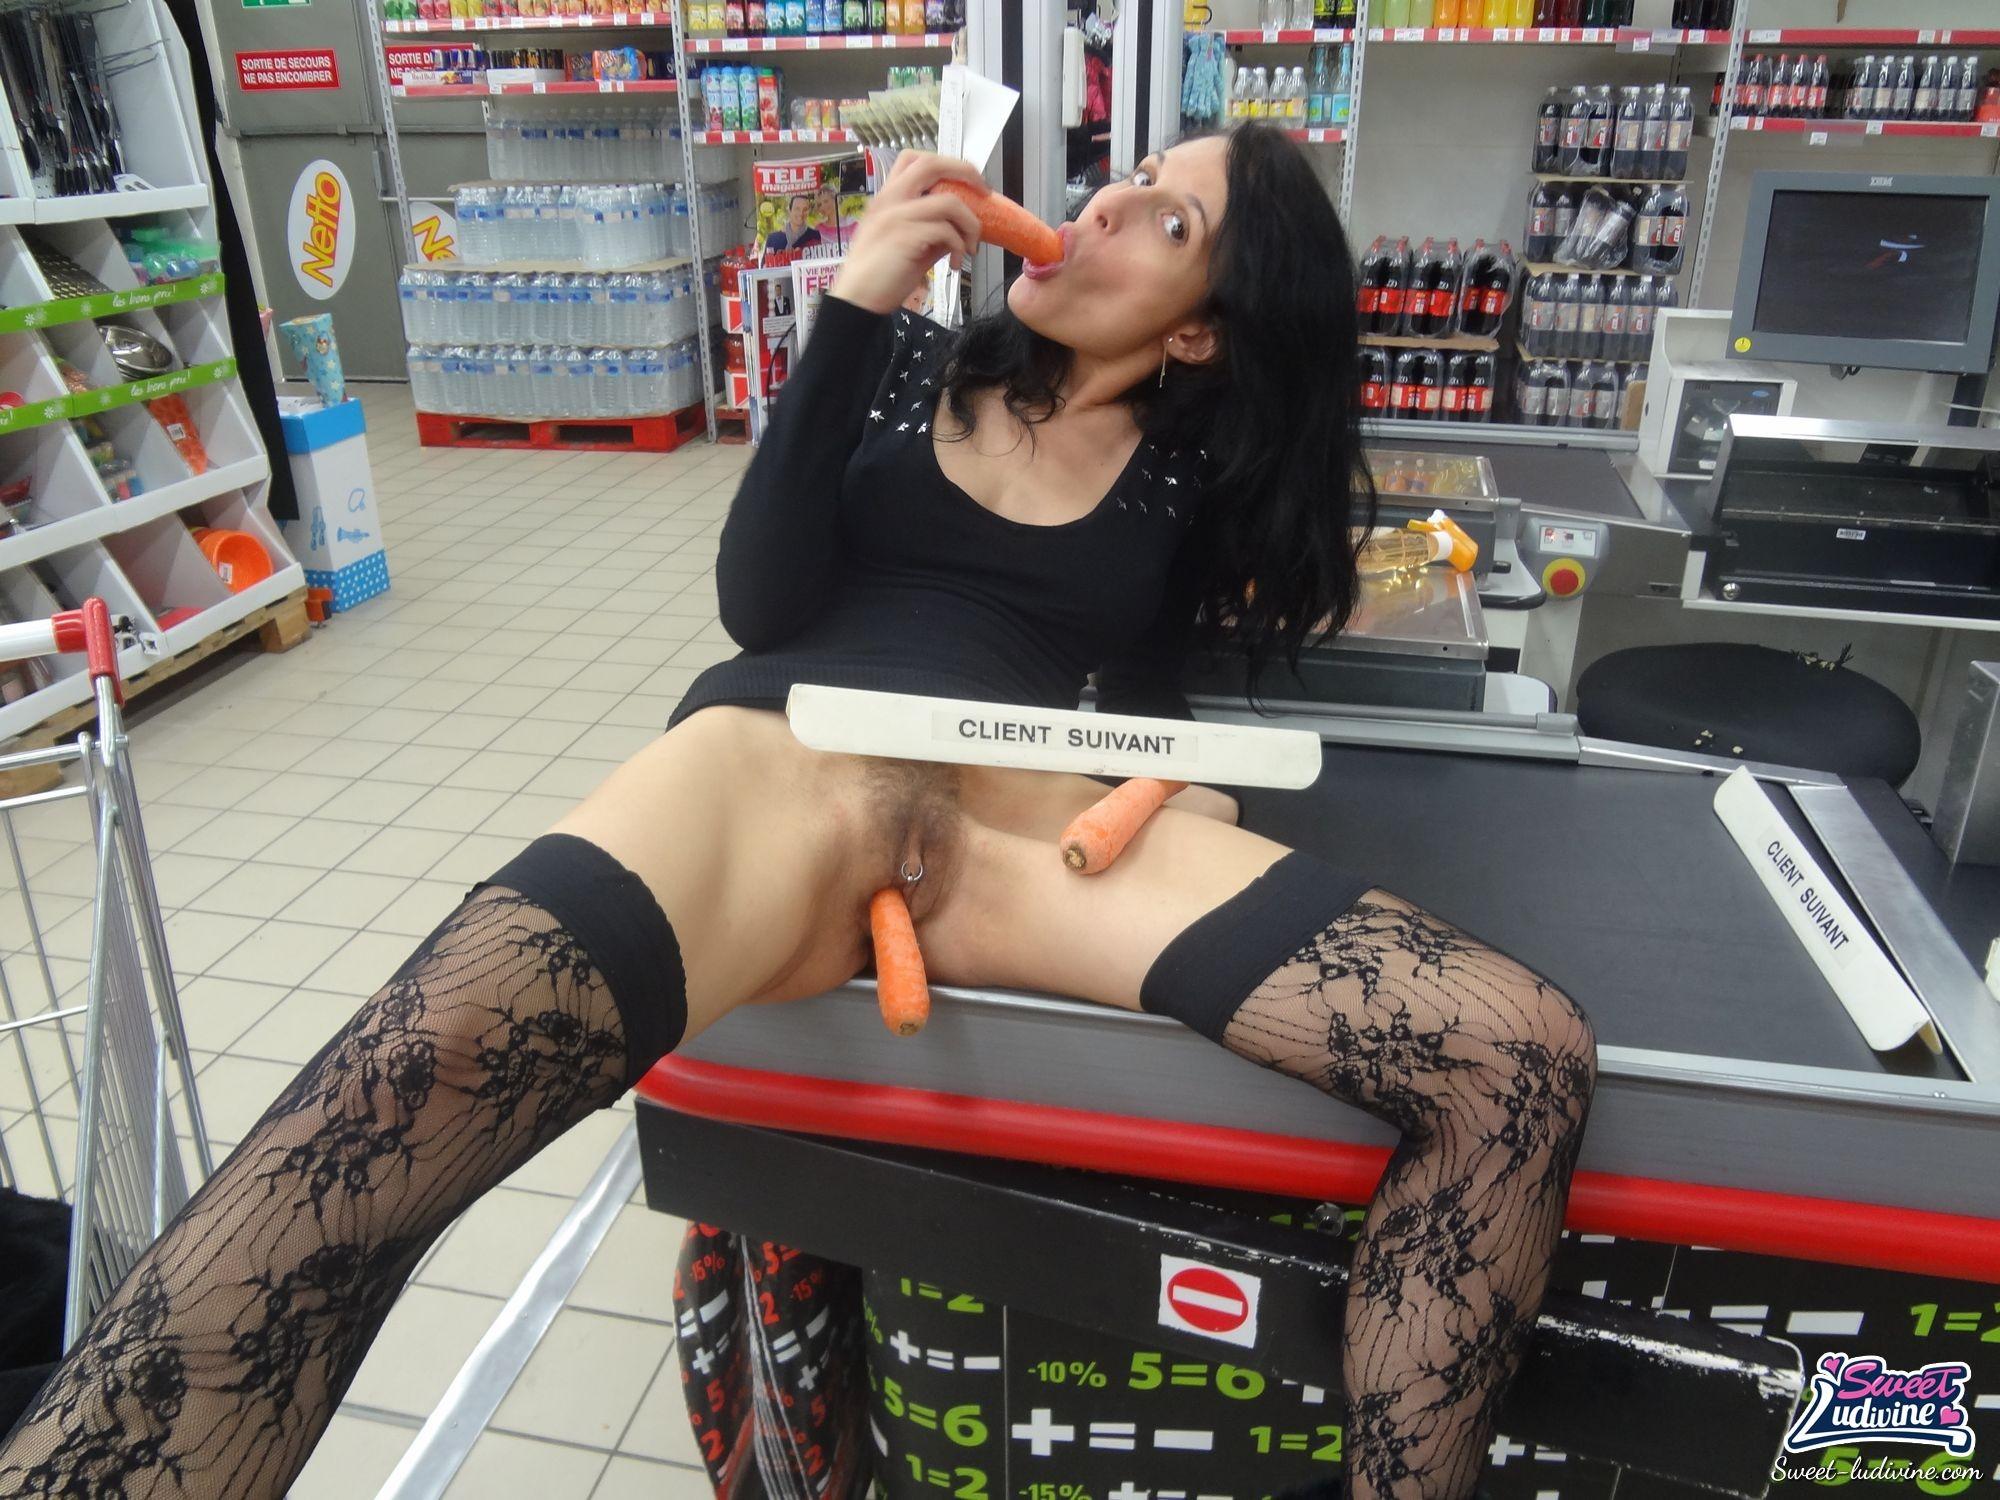 курила затянувшись, смотреть онлайн красотка мастурбирует в супермаркете вам попадется